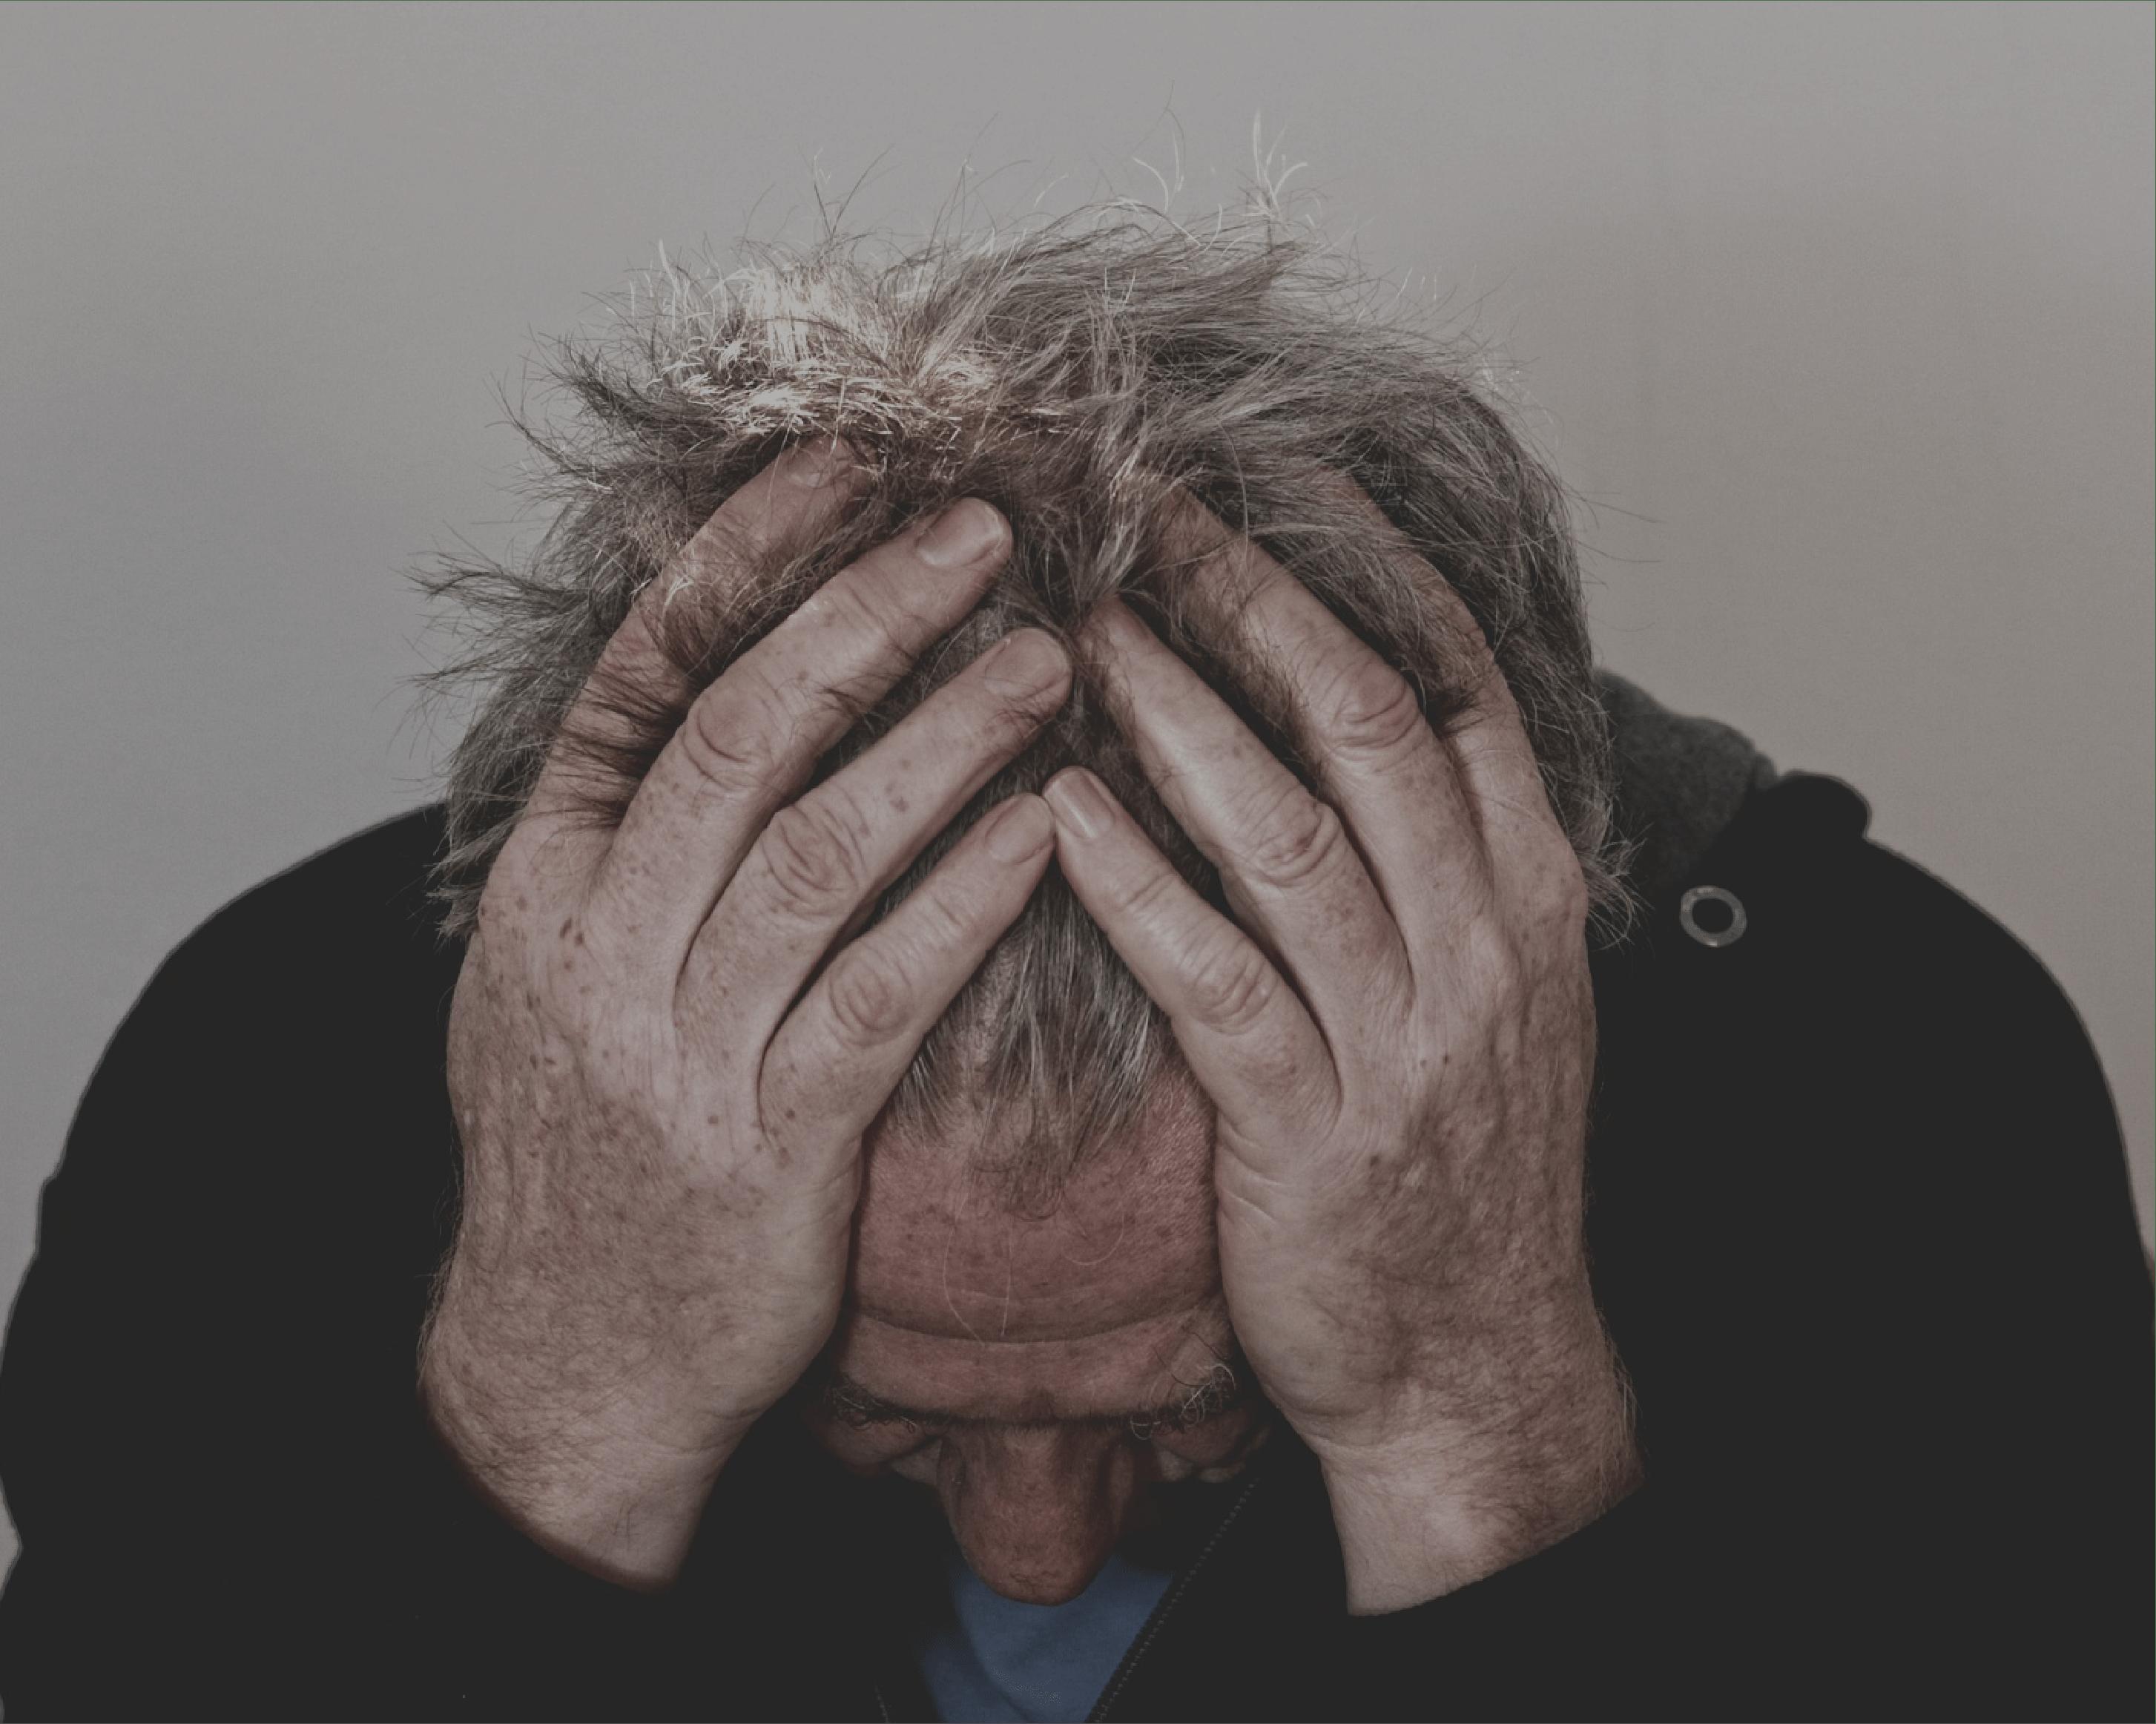 Nordisk-Osteopati-kan-hjælpe-dig-med-kroniske-smerter